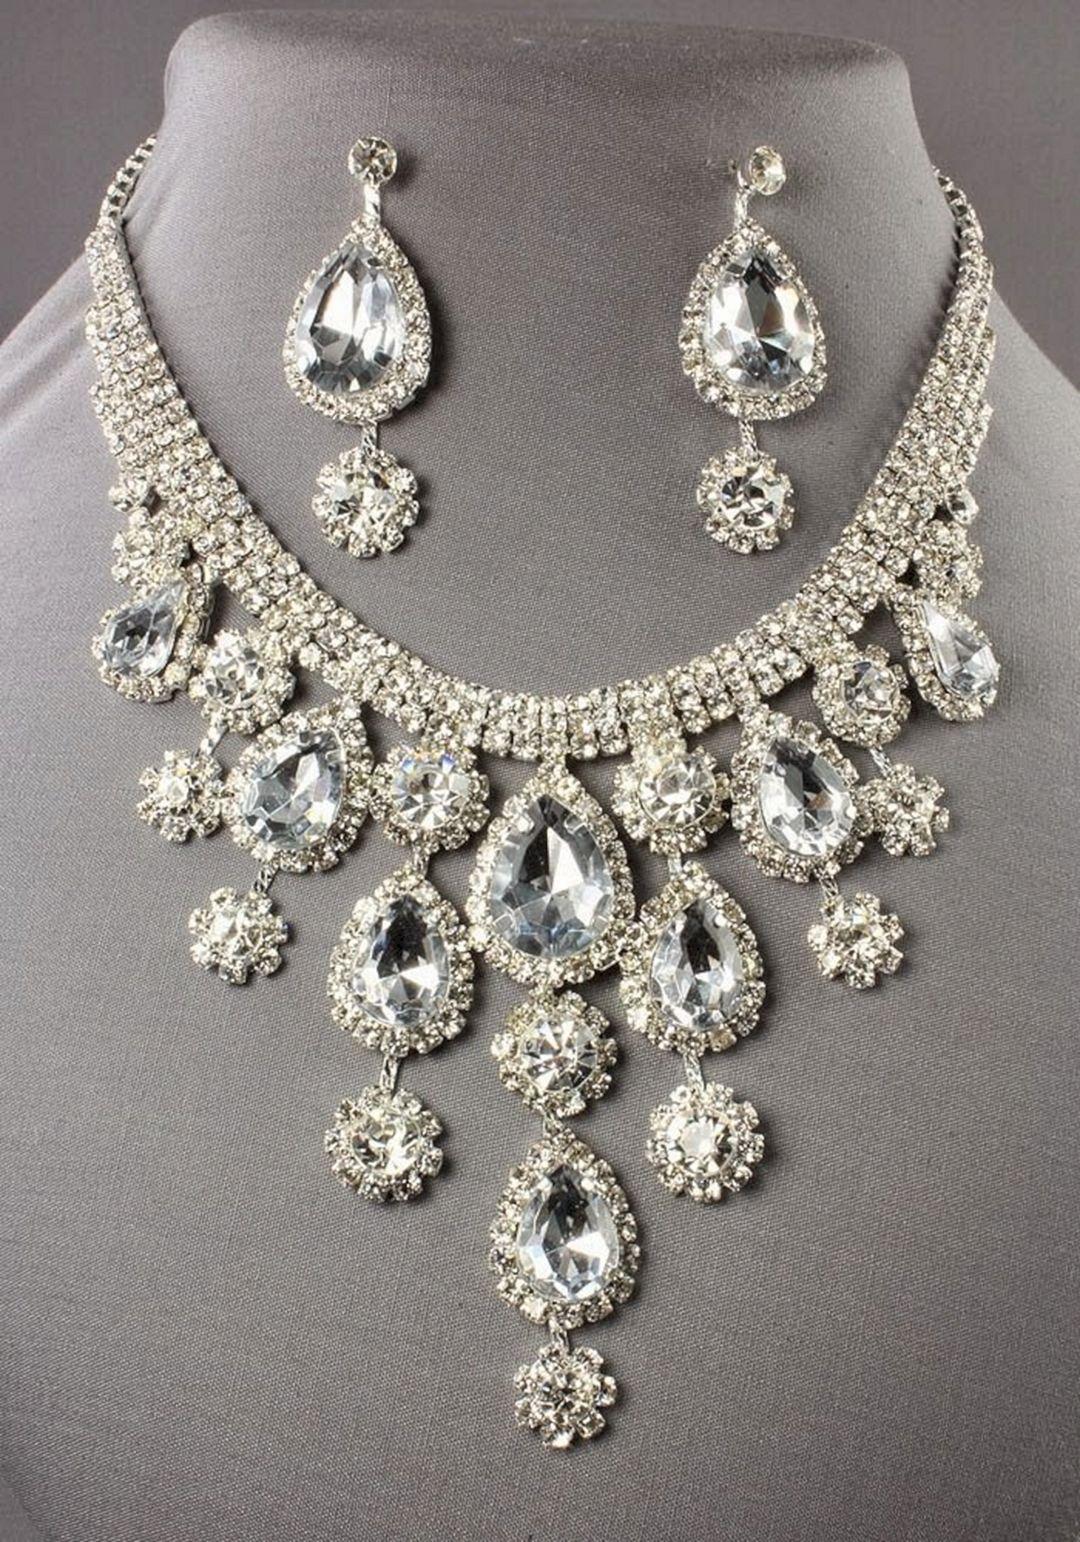 Jewelry Ideas For Beautiful Women